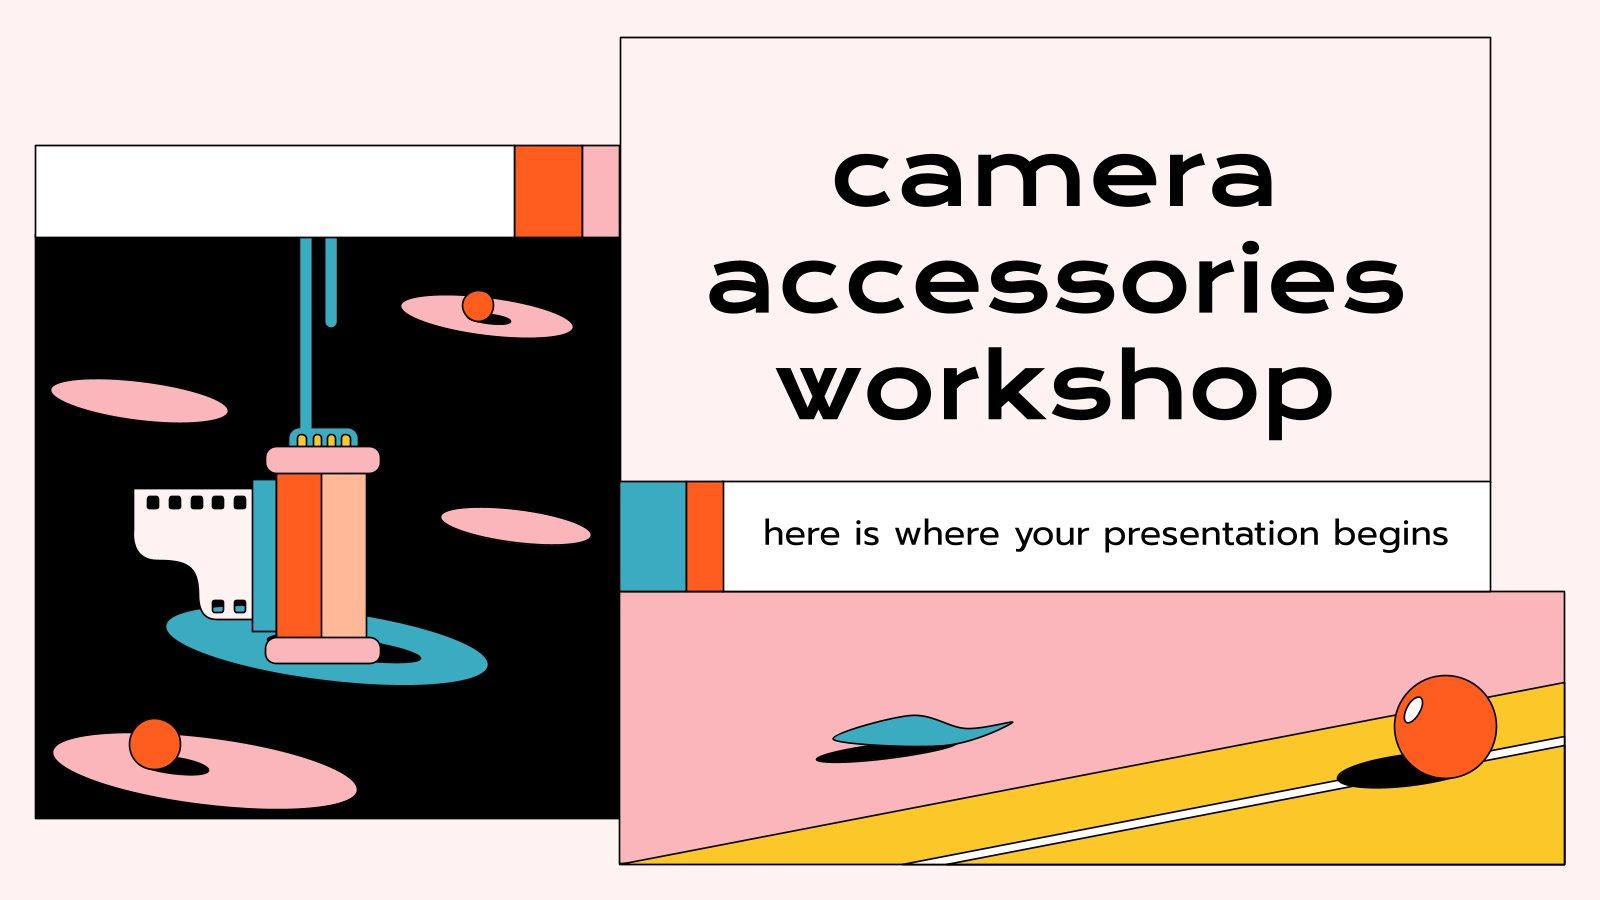 Atelier d'accessoires de caméra : Modèles de présentation